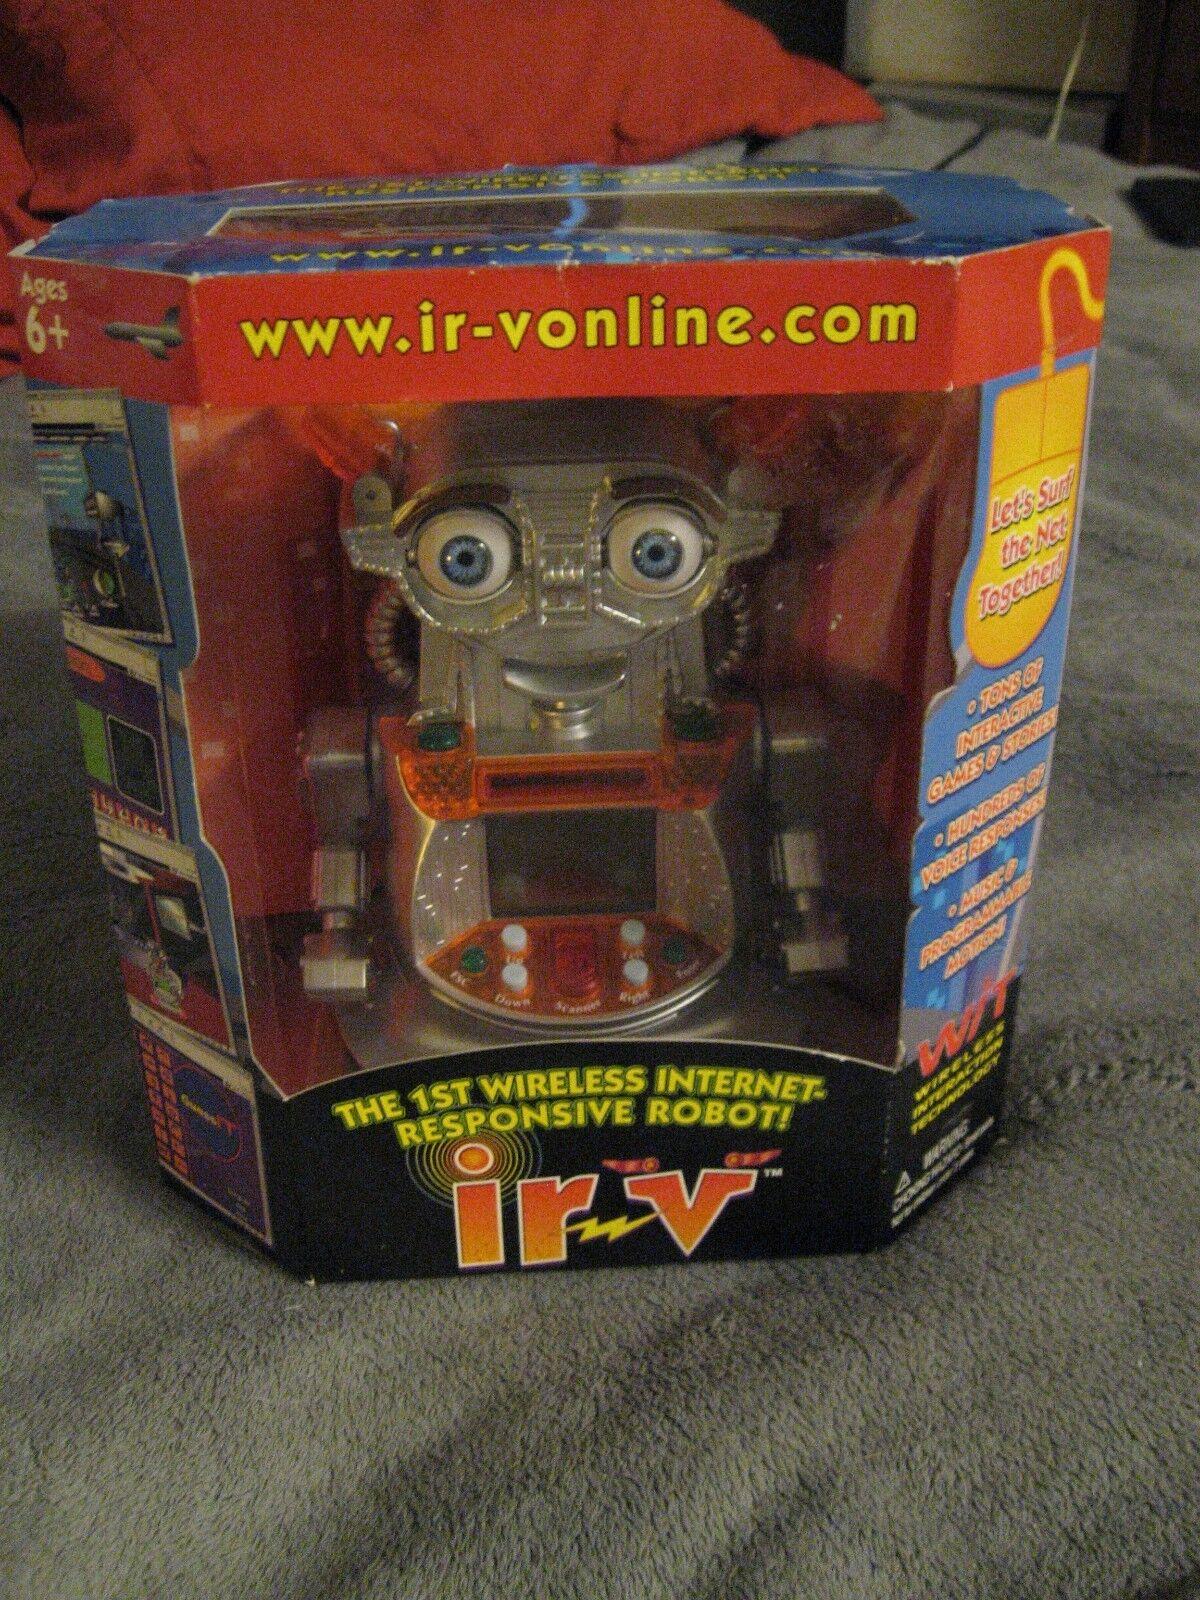 Ir-Vonline Irv Vintage 2001 1st senza Fili Internet Computer Robot Giocattolo